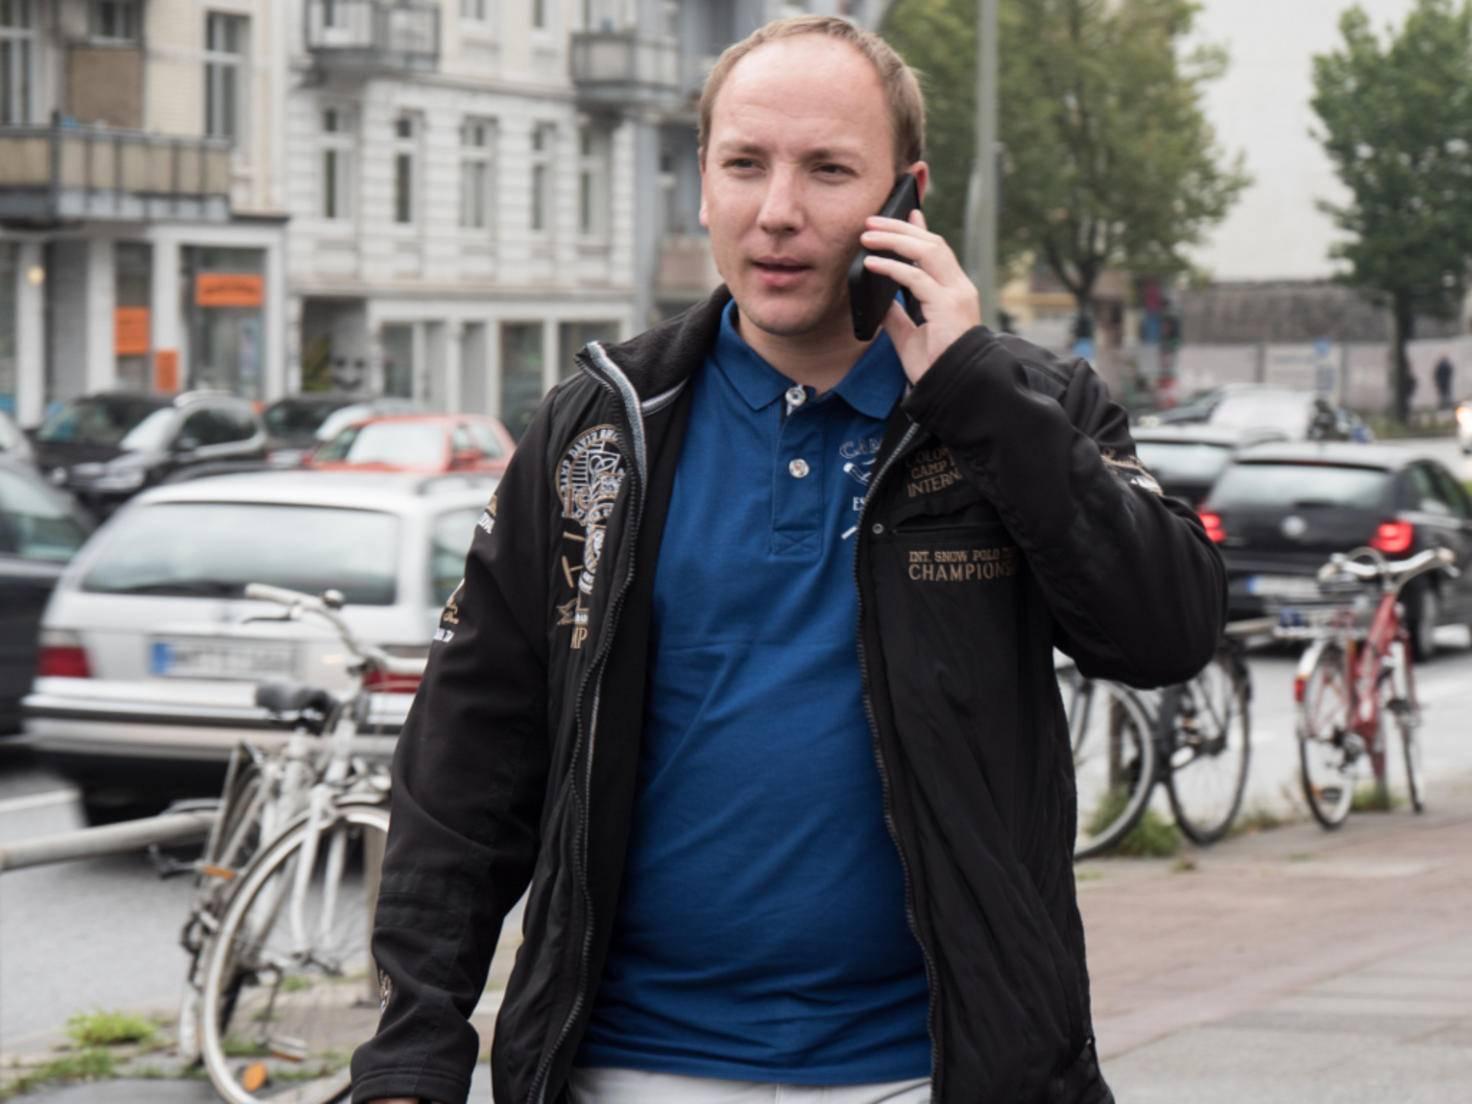 Alexander nutzt iOS 9 auf seinem iPhone 6.